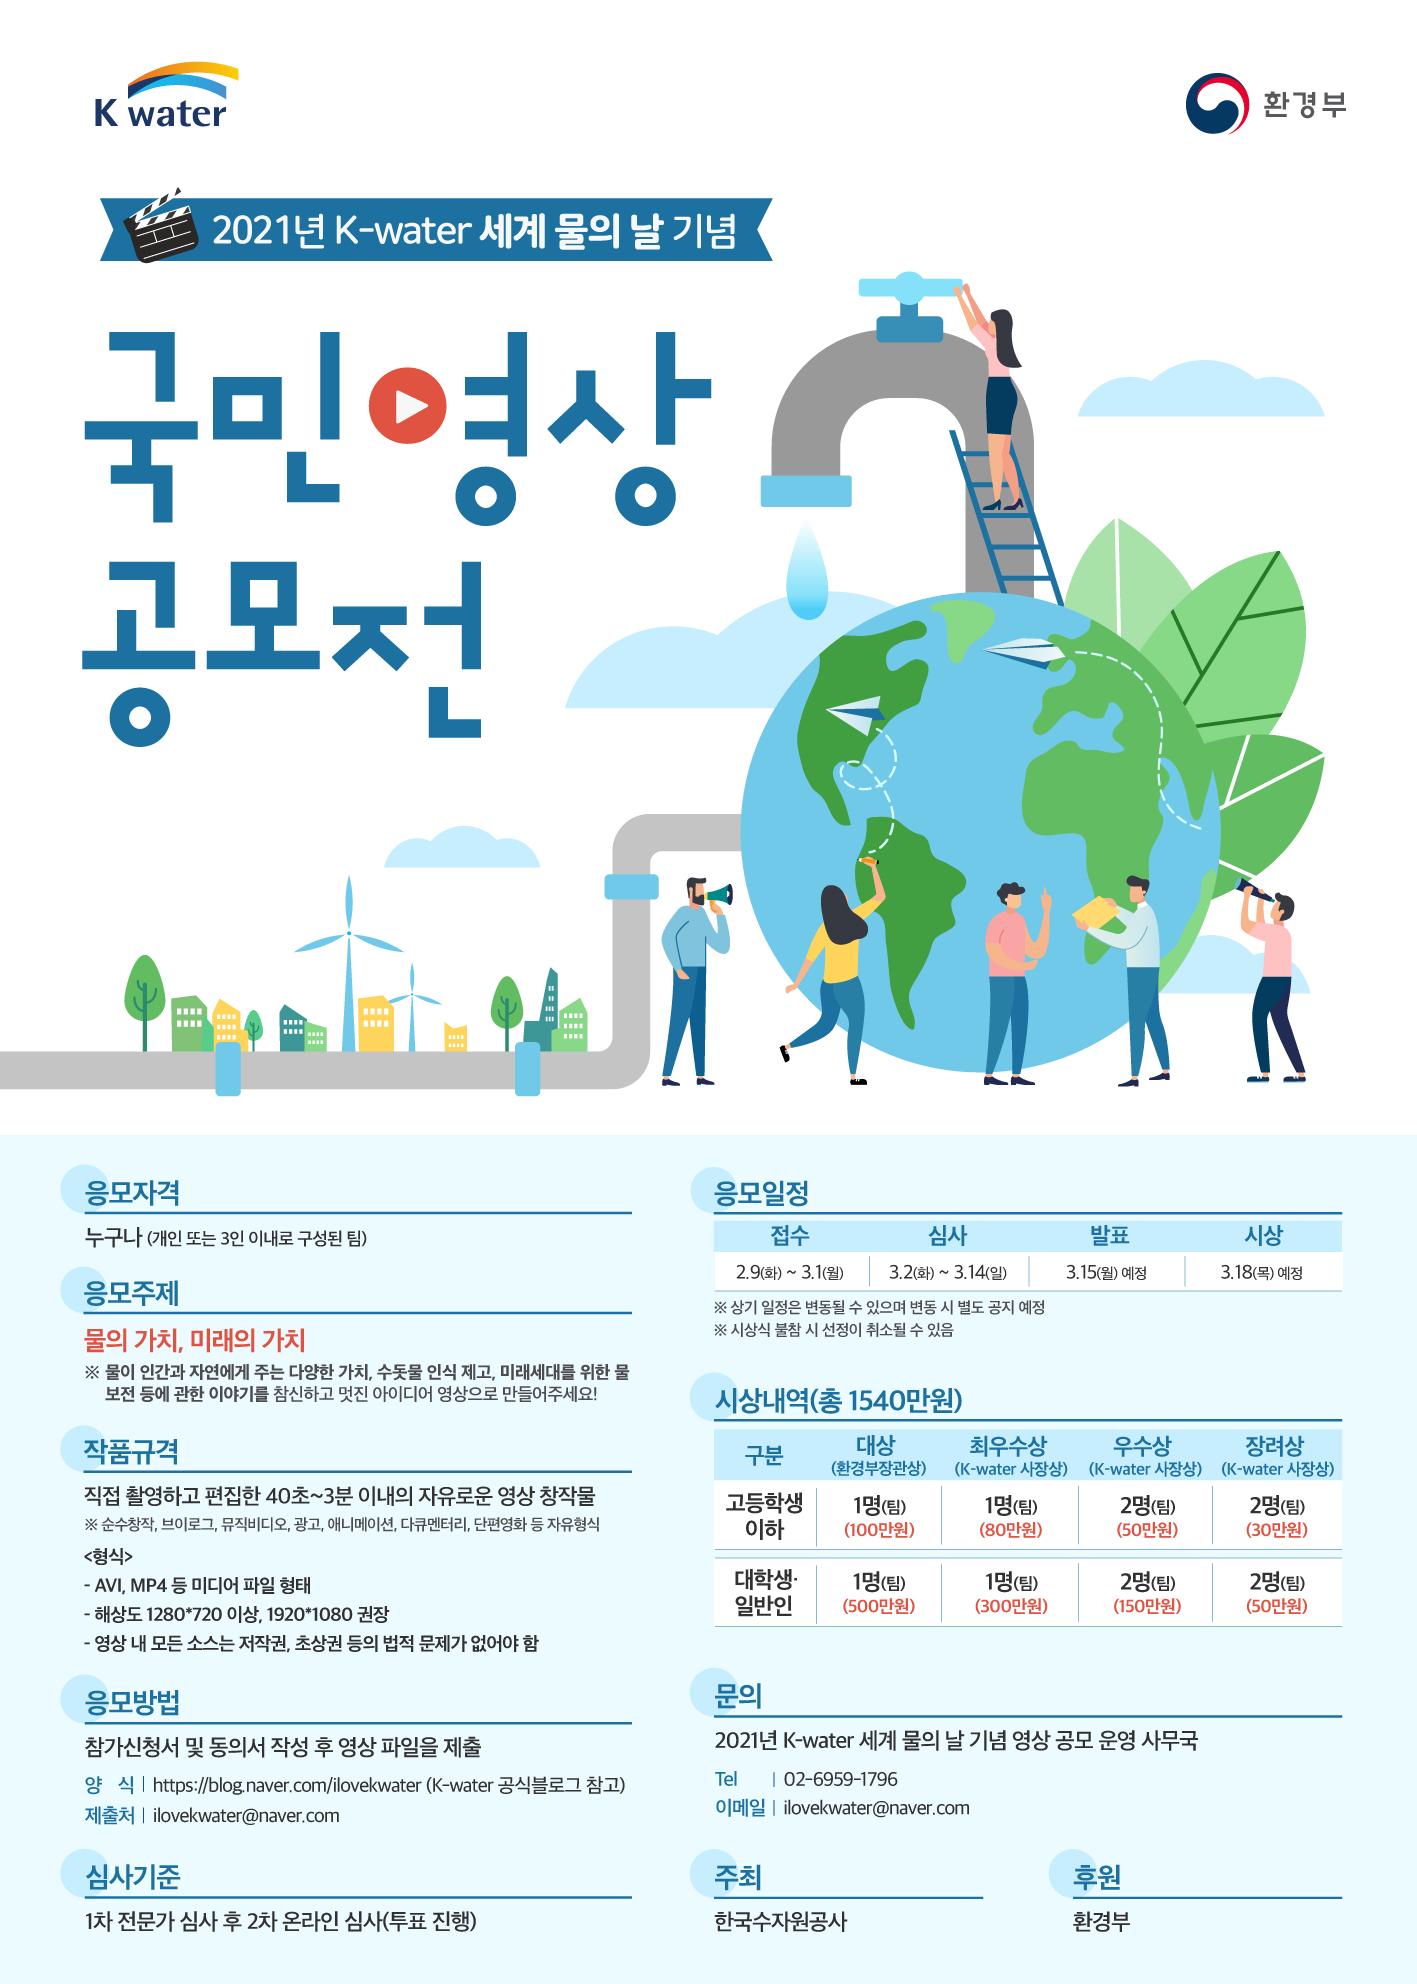 한국수자원공사, 세계 물의 날 기념 영상 공모 '물의 가치, 미래의 가치' 주제로, 국민 모두 참여 가능